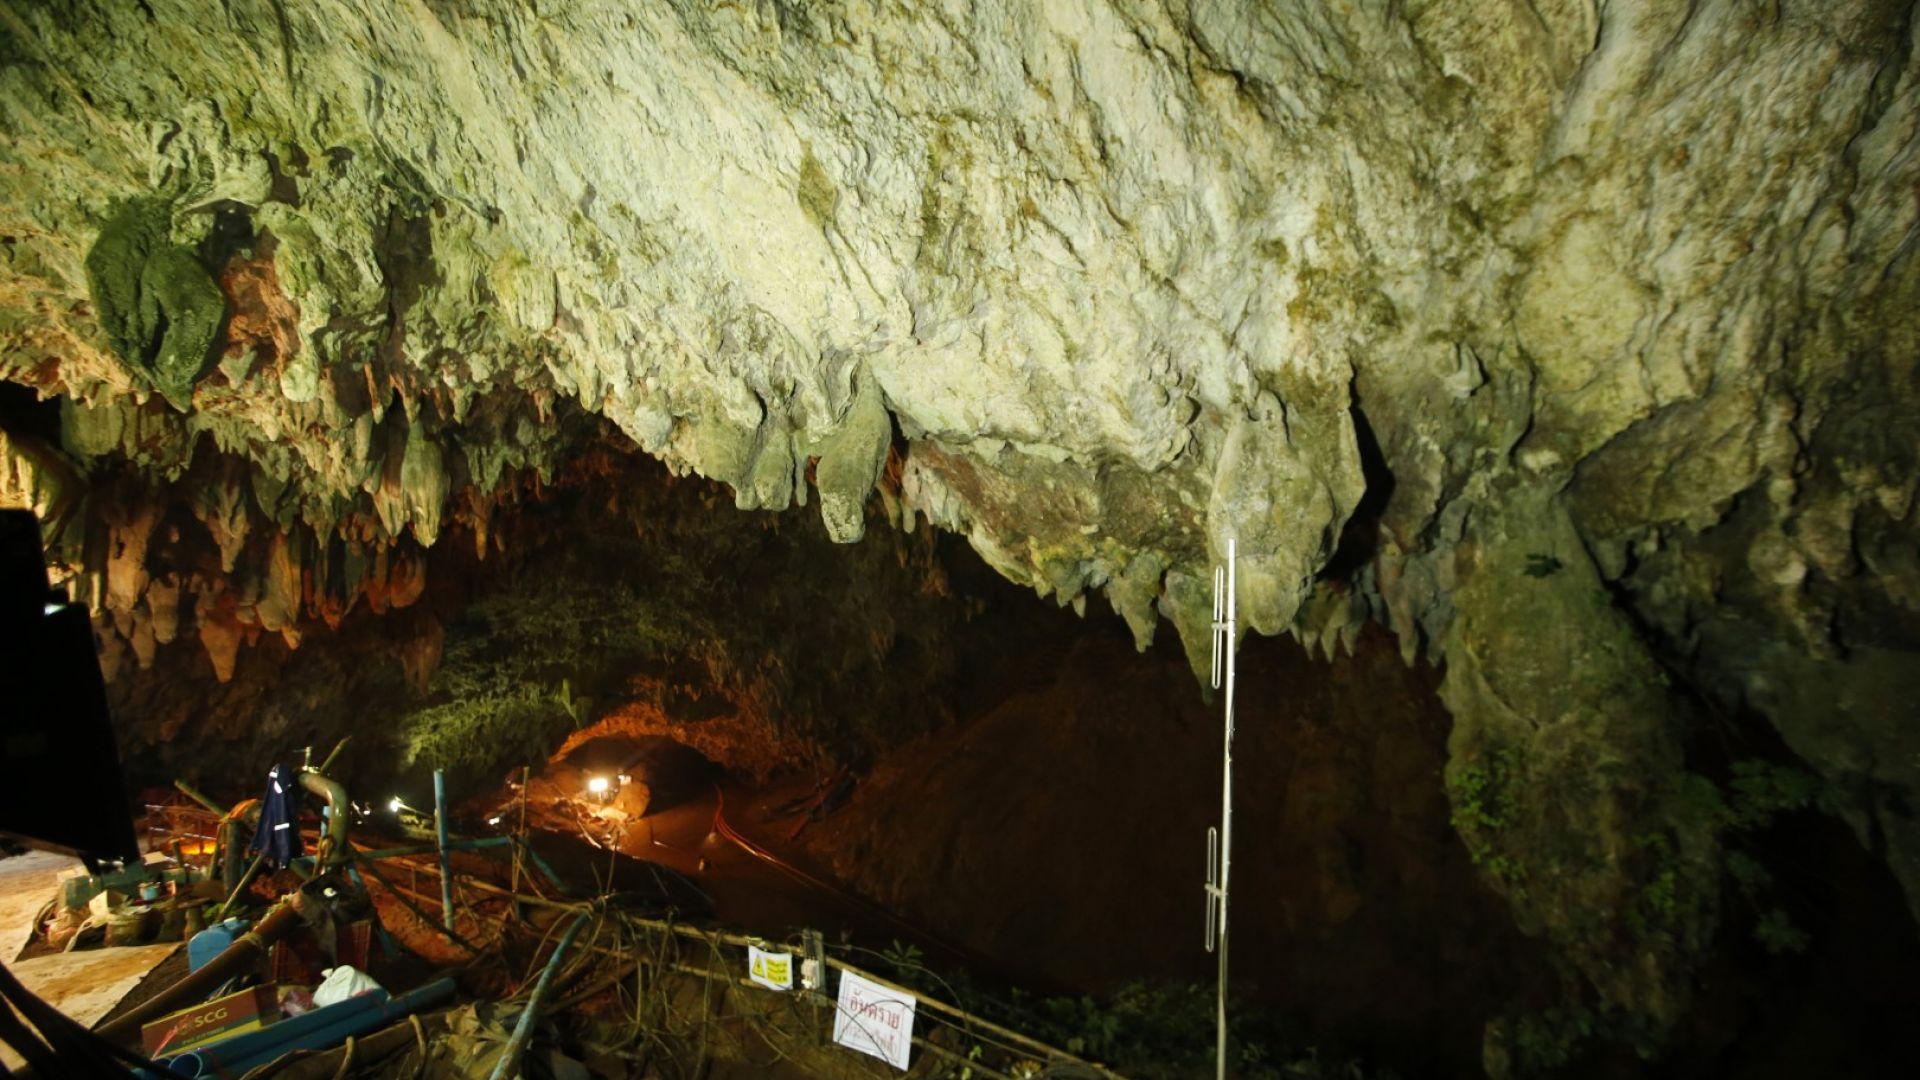 Илон Мъск праща инженери в помощ на блокираните в пещера деца